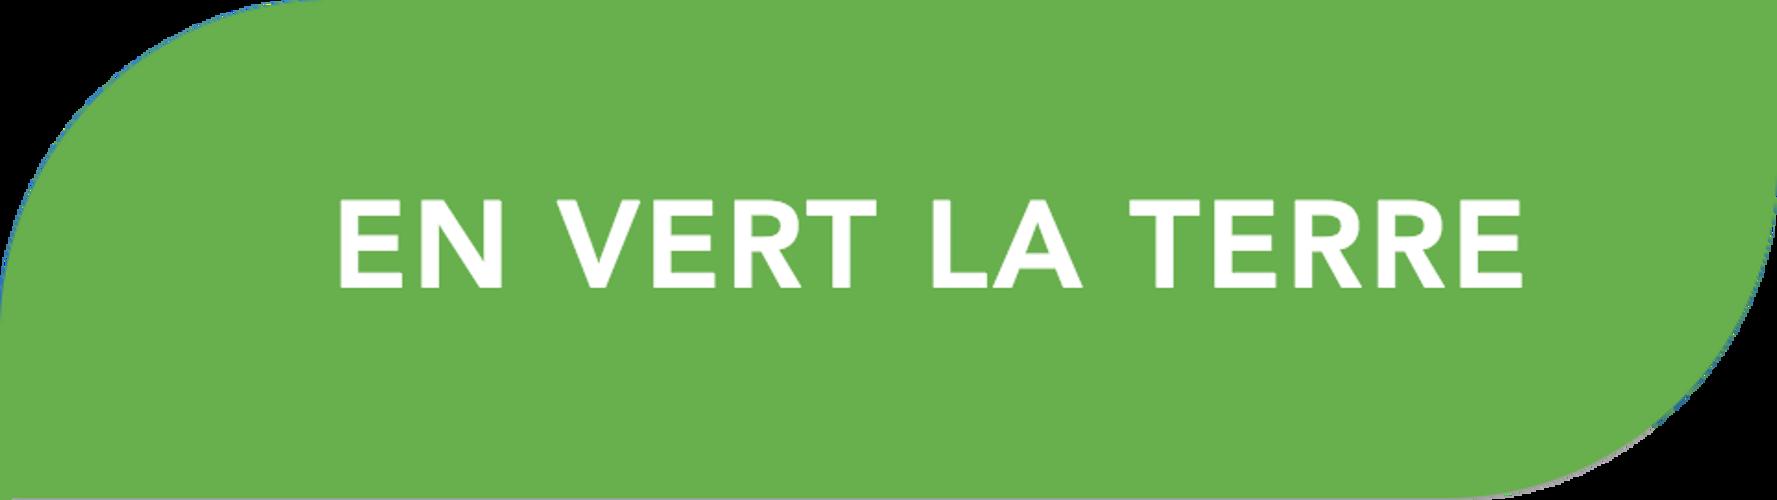 Notre partenaire chauffagiste: En vert la Terre - en Seine Maritime 0